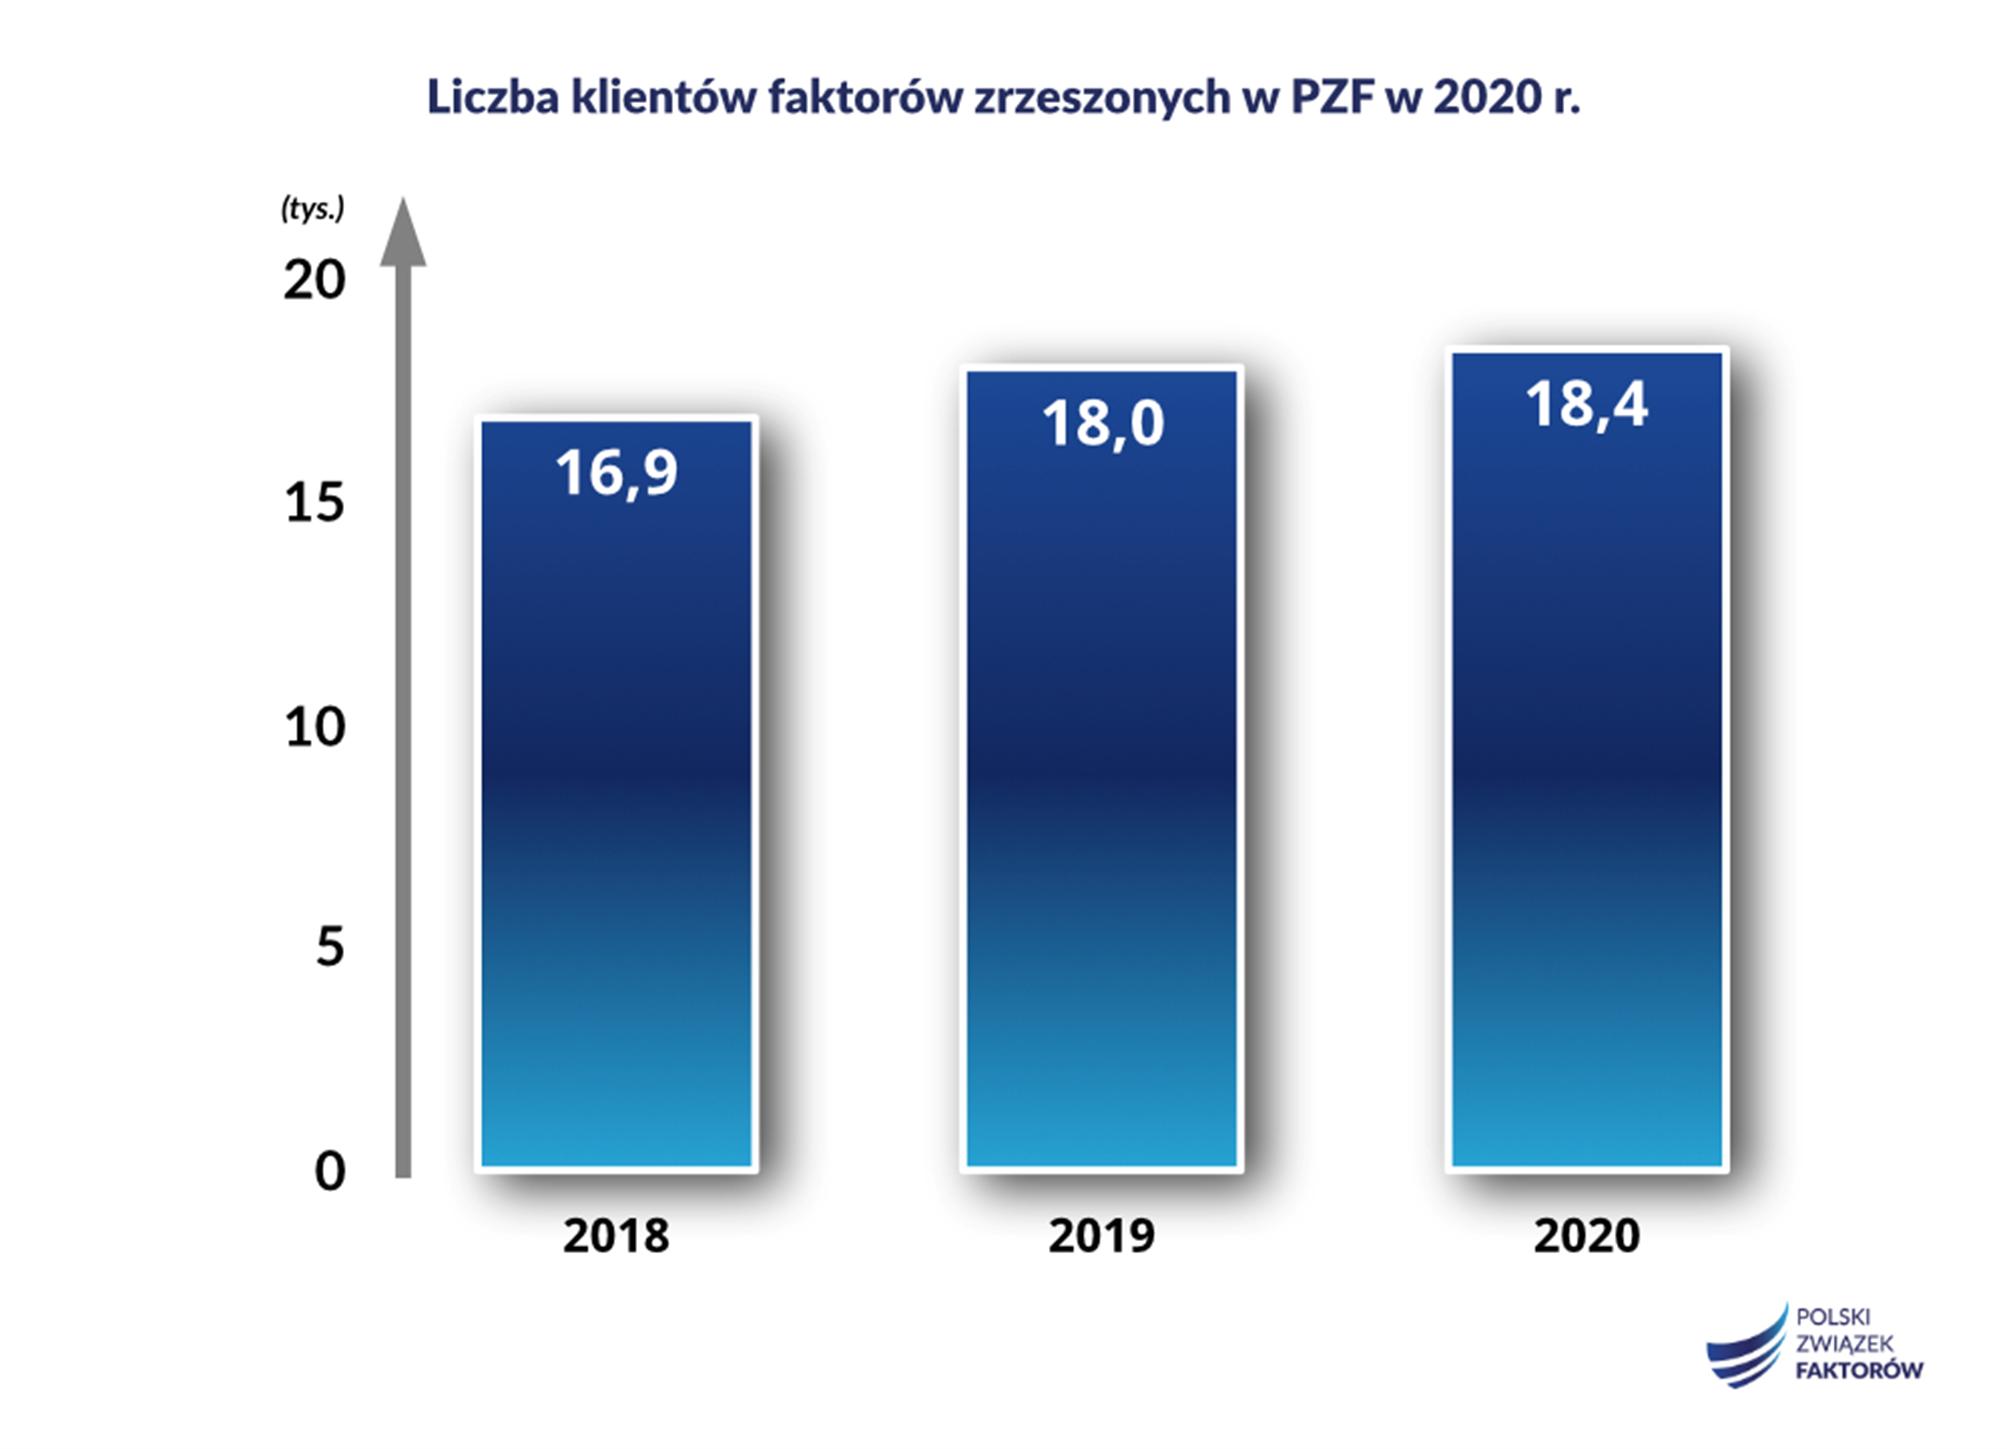 faktoring podsumowanie 2020 – liczba faktorów